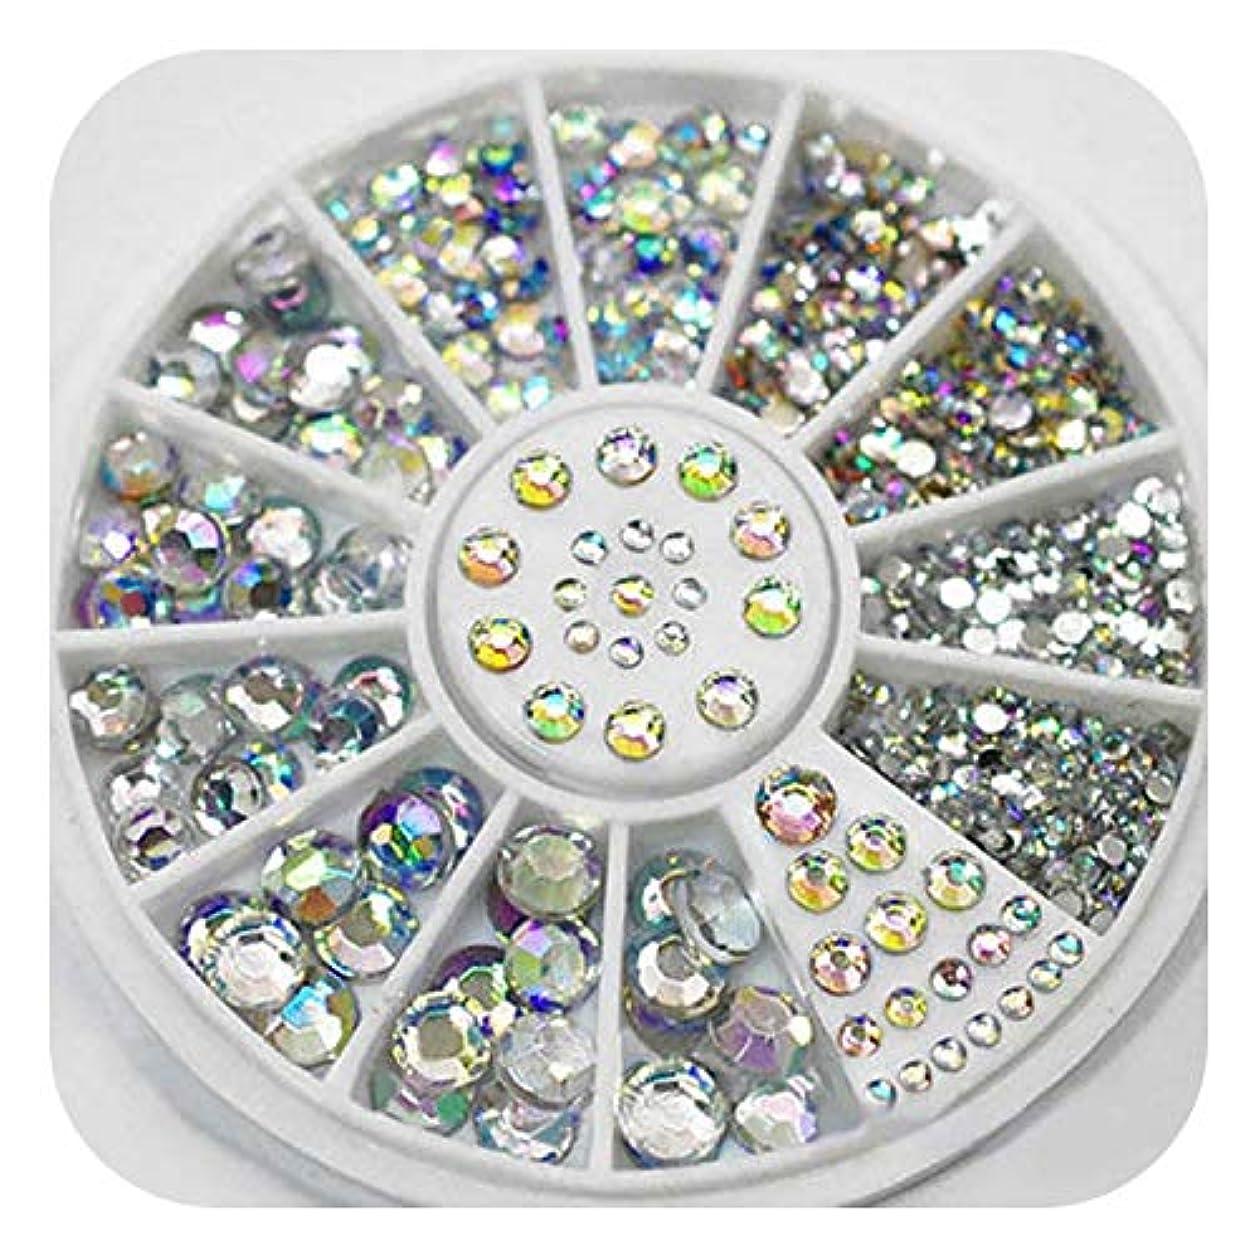 外部期待する動力学ダイヤモンドのまばゆいばかりのヒントネイルステッカースパンコールカラークリスタルパッチネイルアート,China